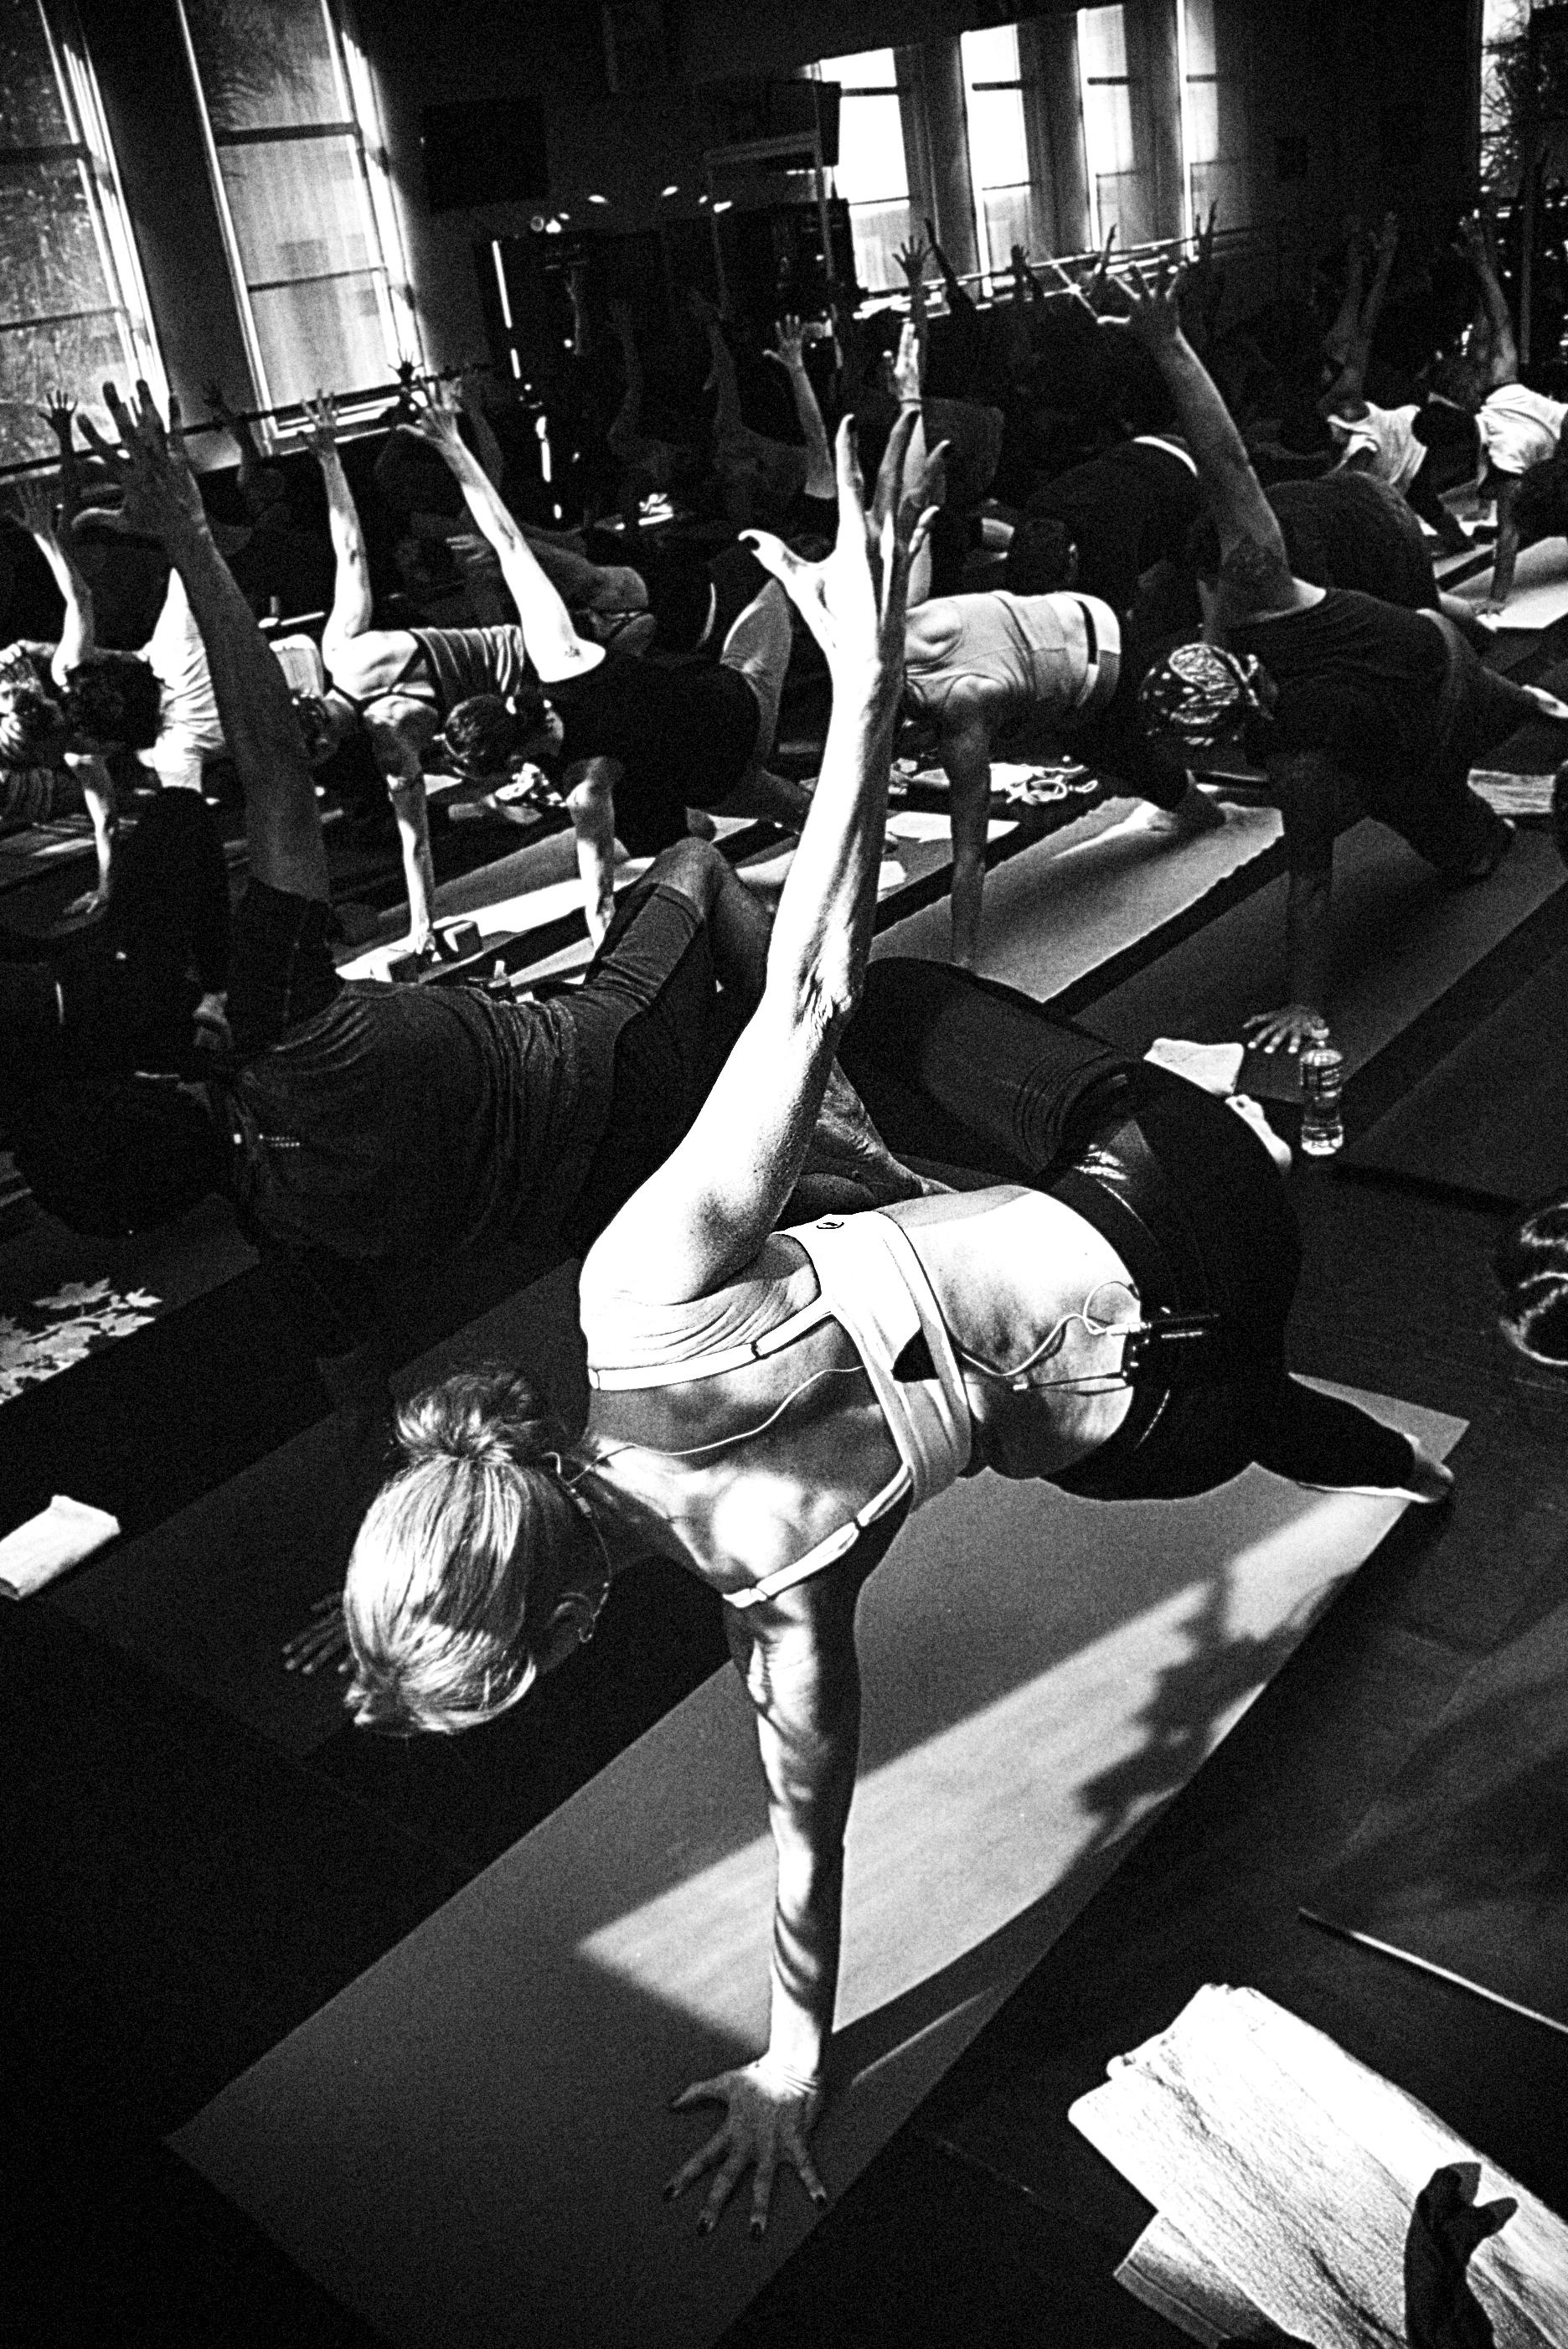 Ashtanga yoga yoga nidrasana front curl knotfront bending part 2 - 5 4